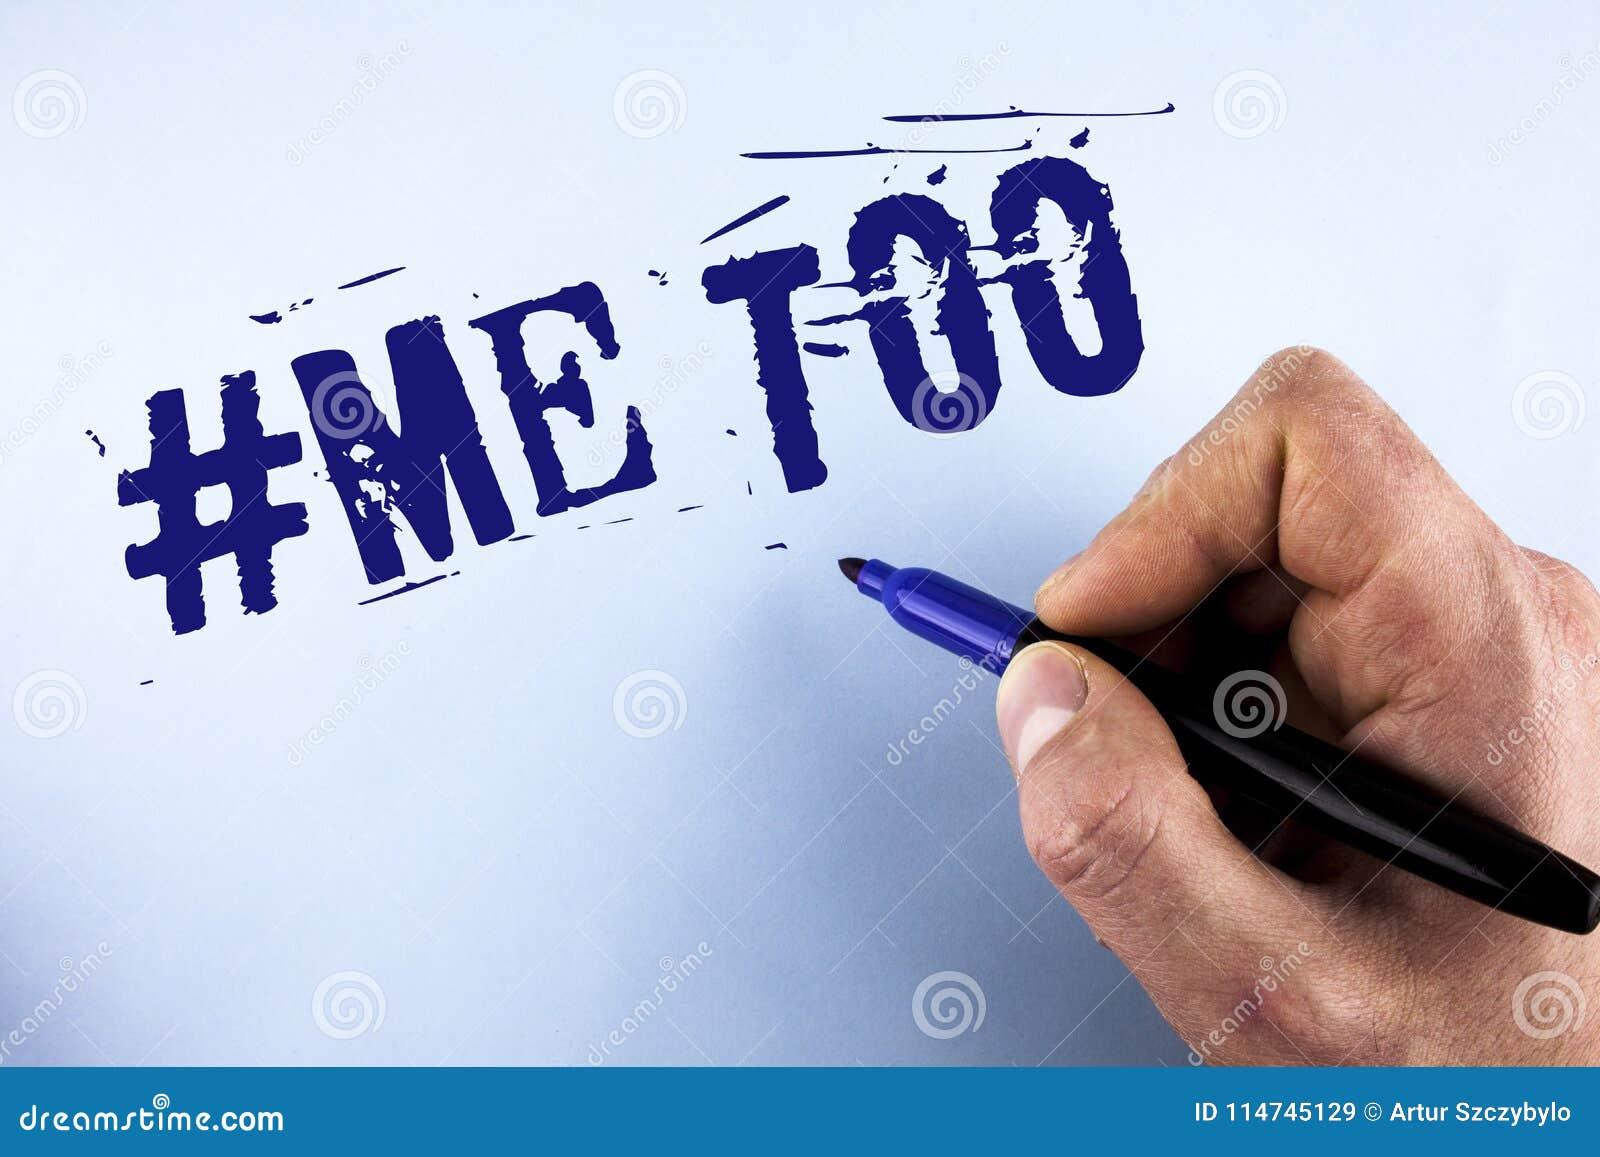 La scrittura mi manda un sms anche Il significato di concetto si sviluppa forte ed abbastanza coraggioso per riferire l abuso, le